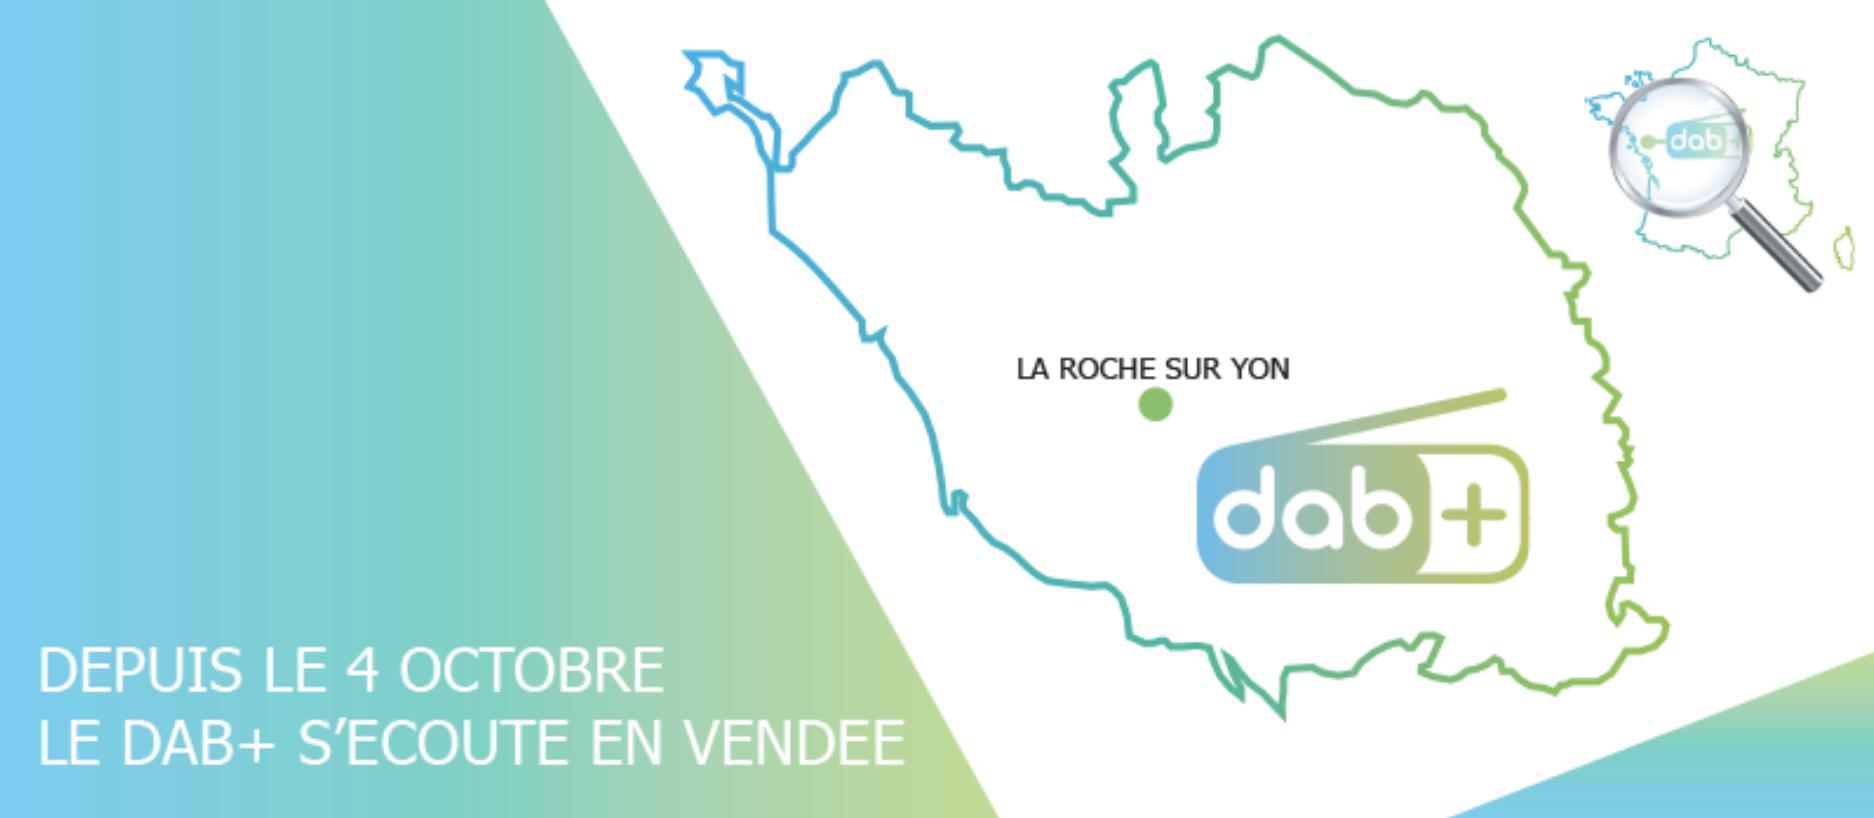 DAB+ : l'émetteur de La Roche-sur-Yon en marche